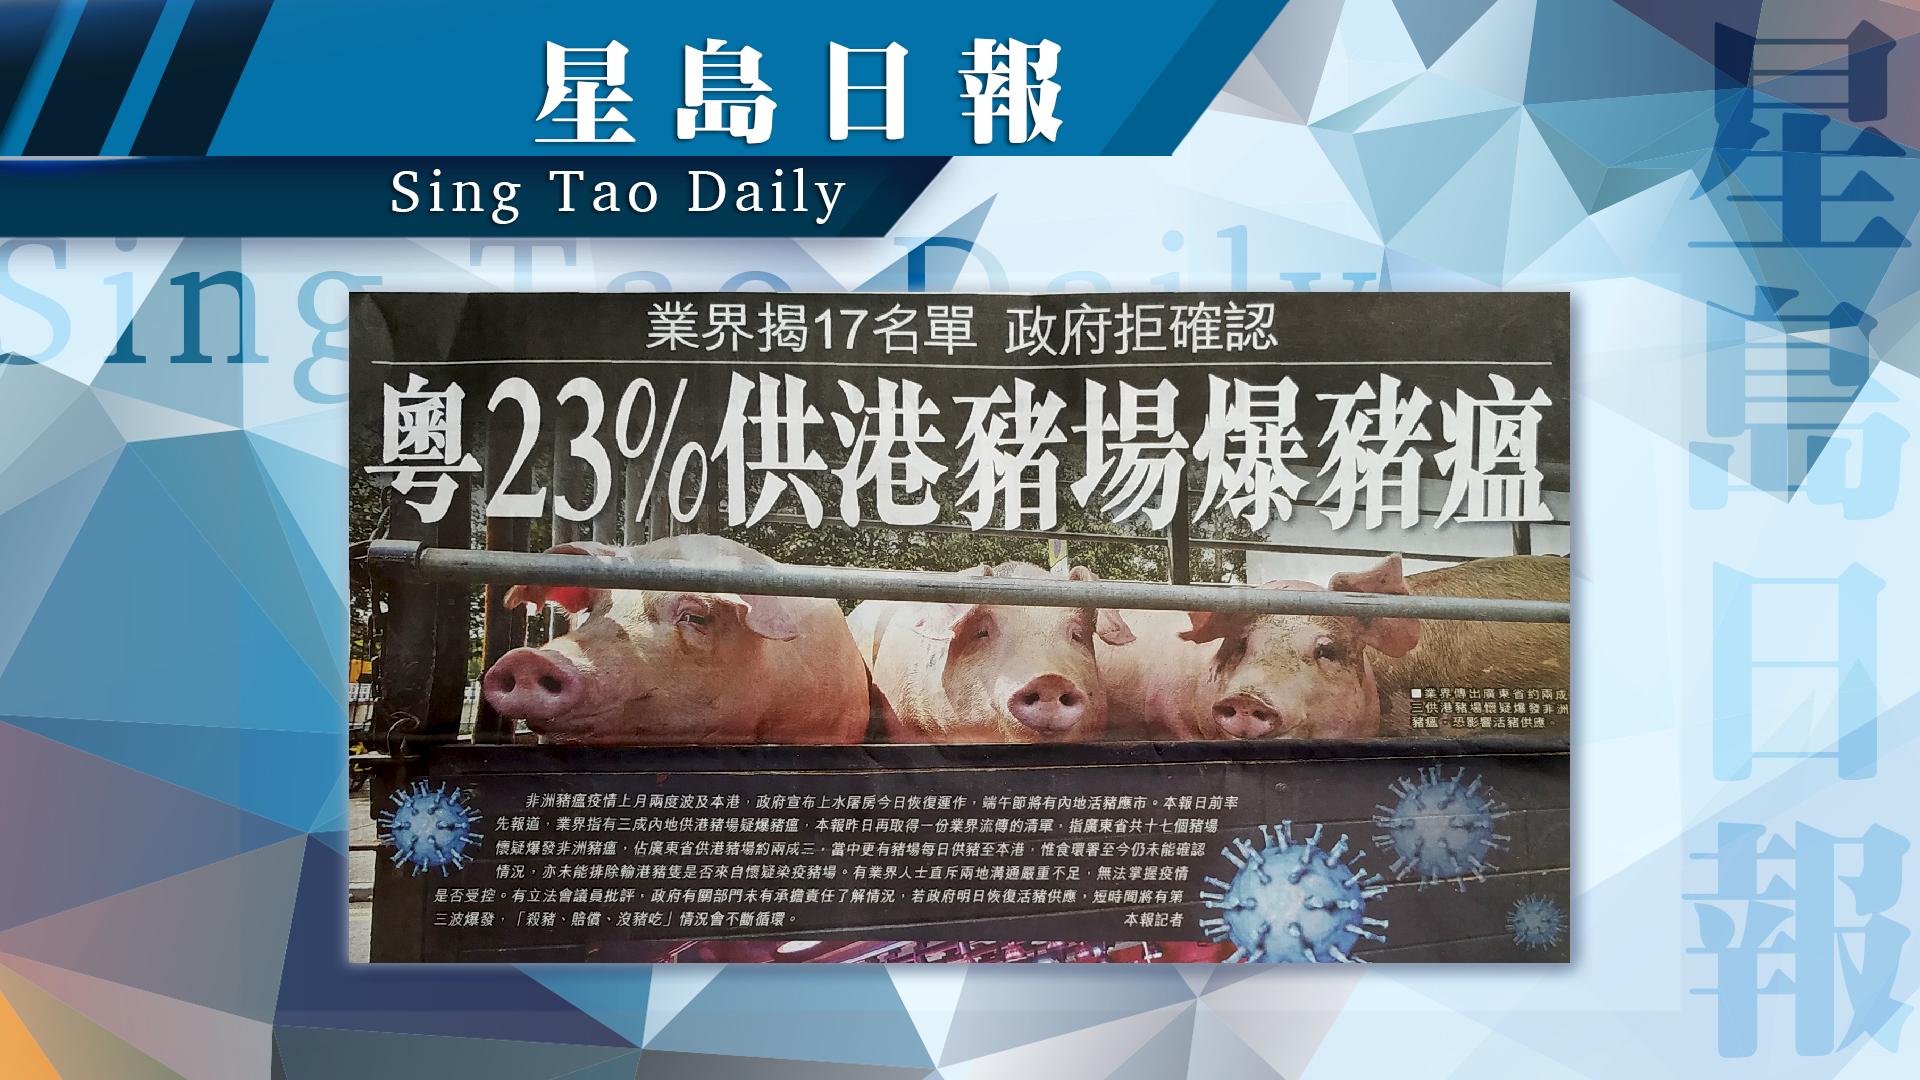 【報章A1速覽】粵23%供港豬場爆豬瘟;律師會:修例勿倉卒 應增法庭審批權